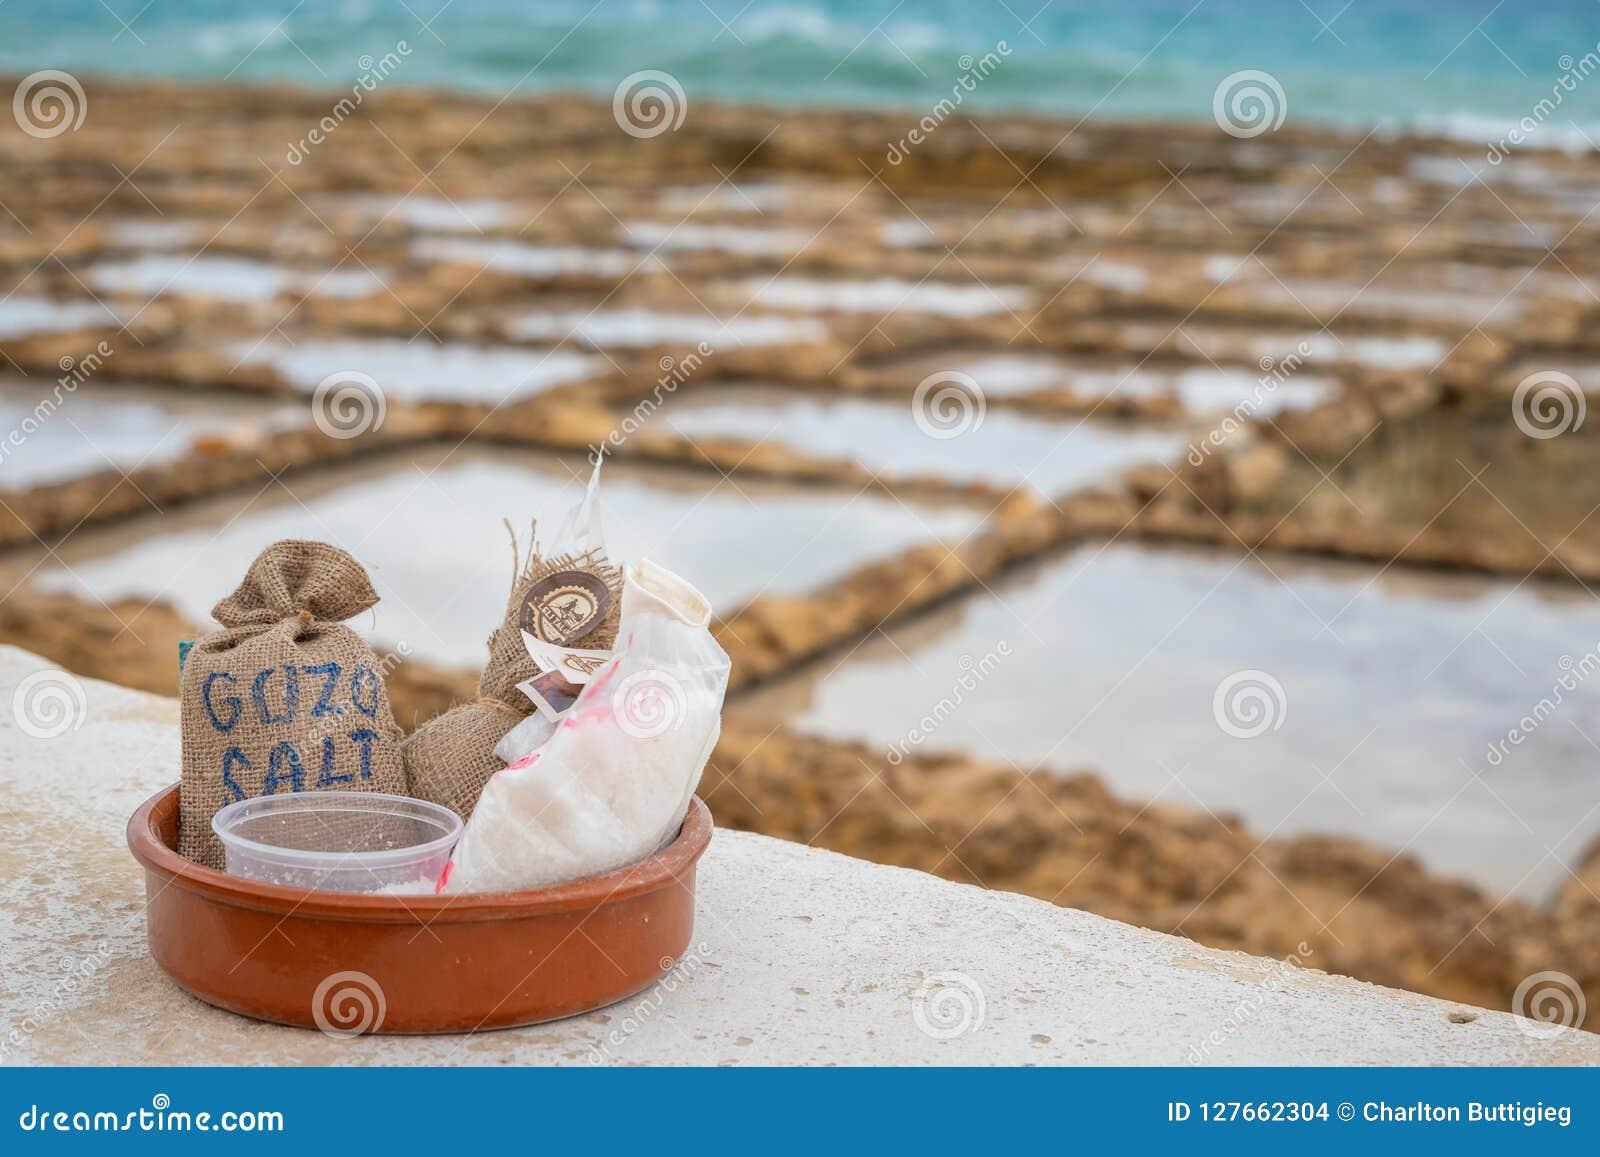 Borse del sale delle saline pronte per la vendita a Marsalforn Gozo